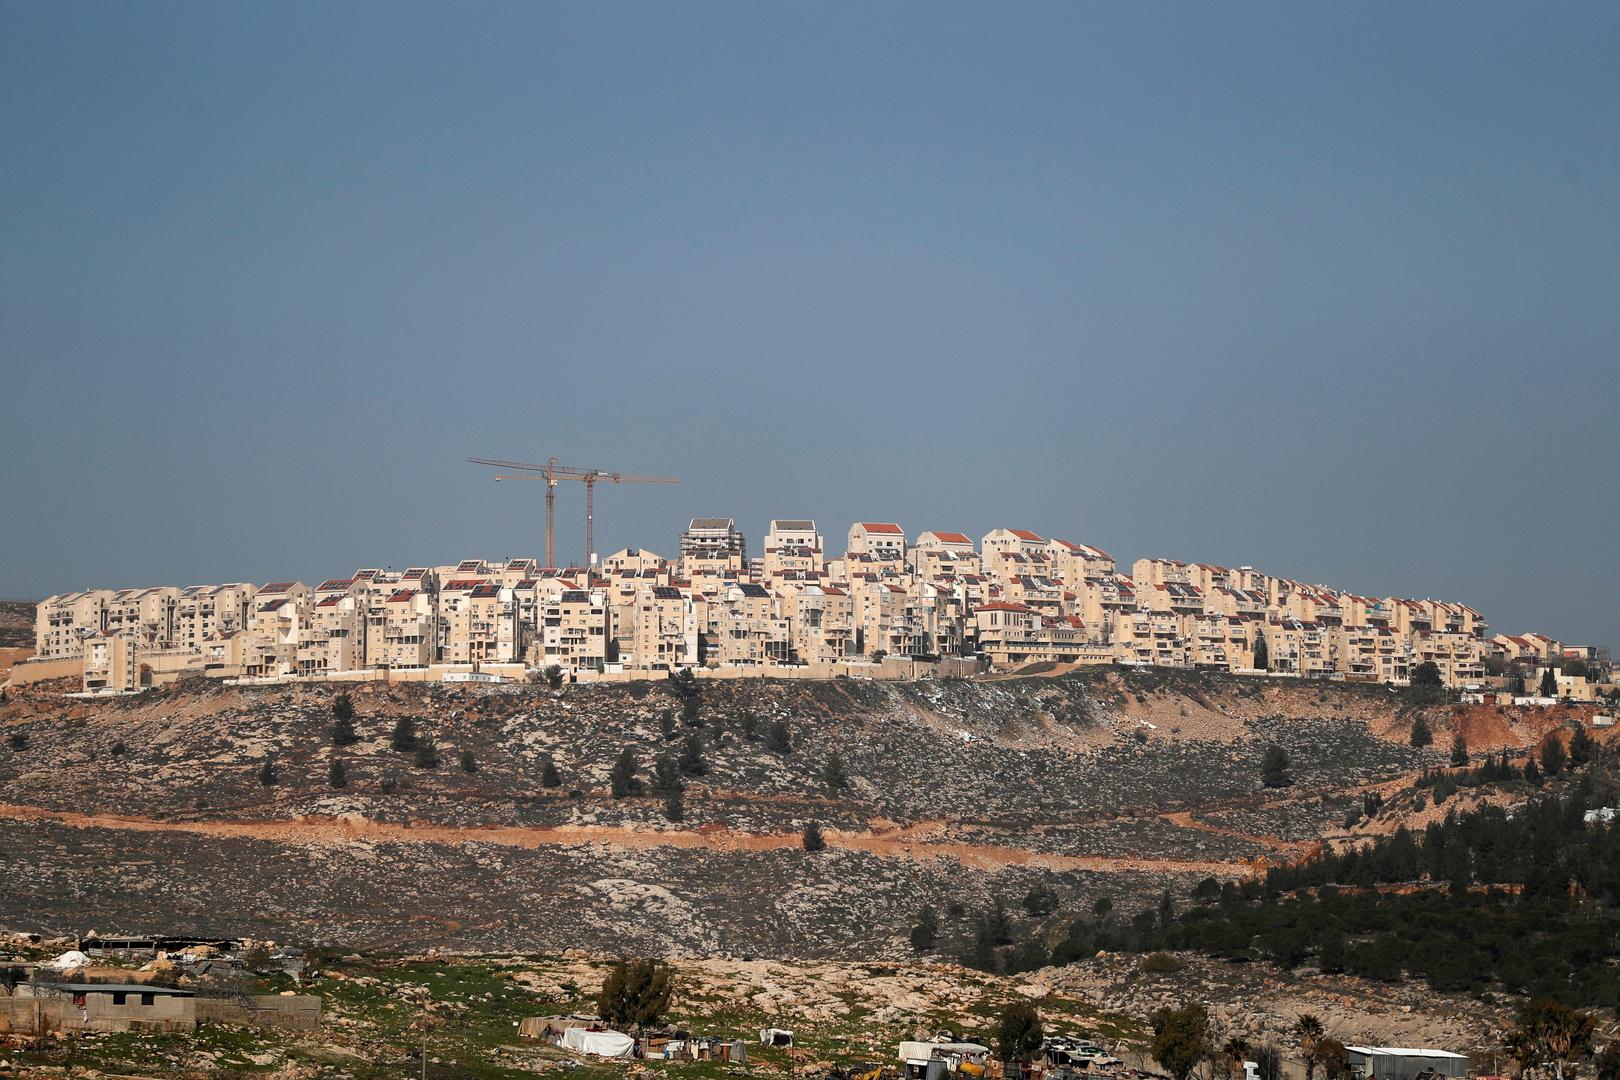 خطة إسرائيلية لتوسيع المستوطنات وإقامة مناطق صناعية في الضفة والأغوار